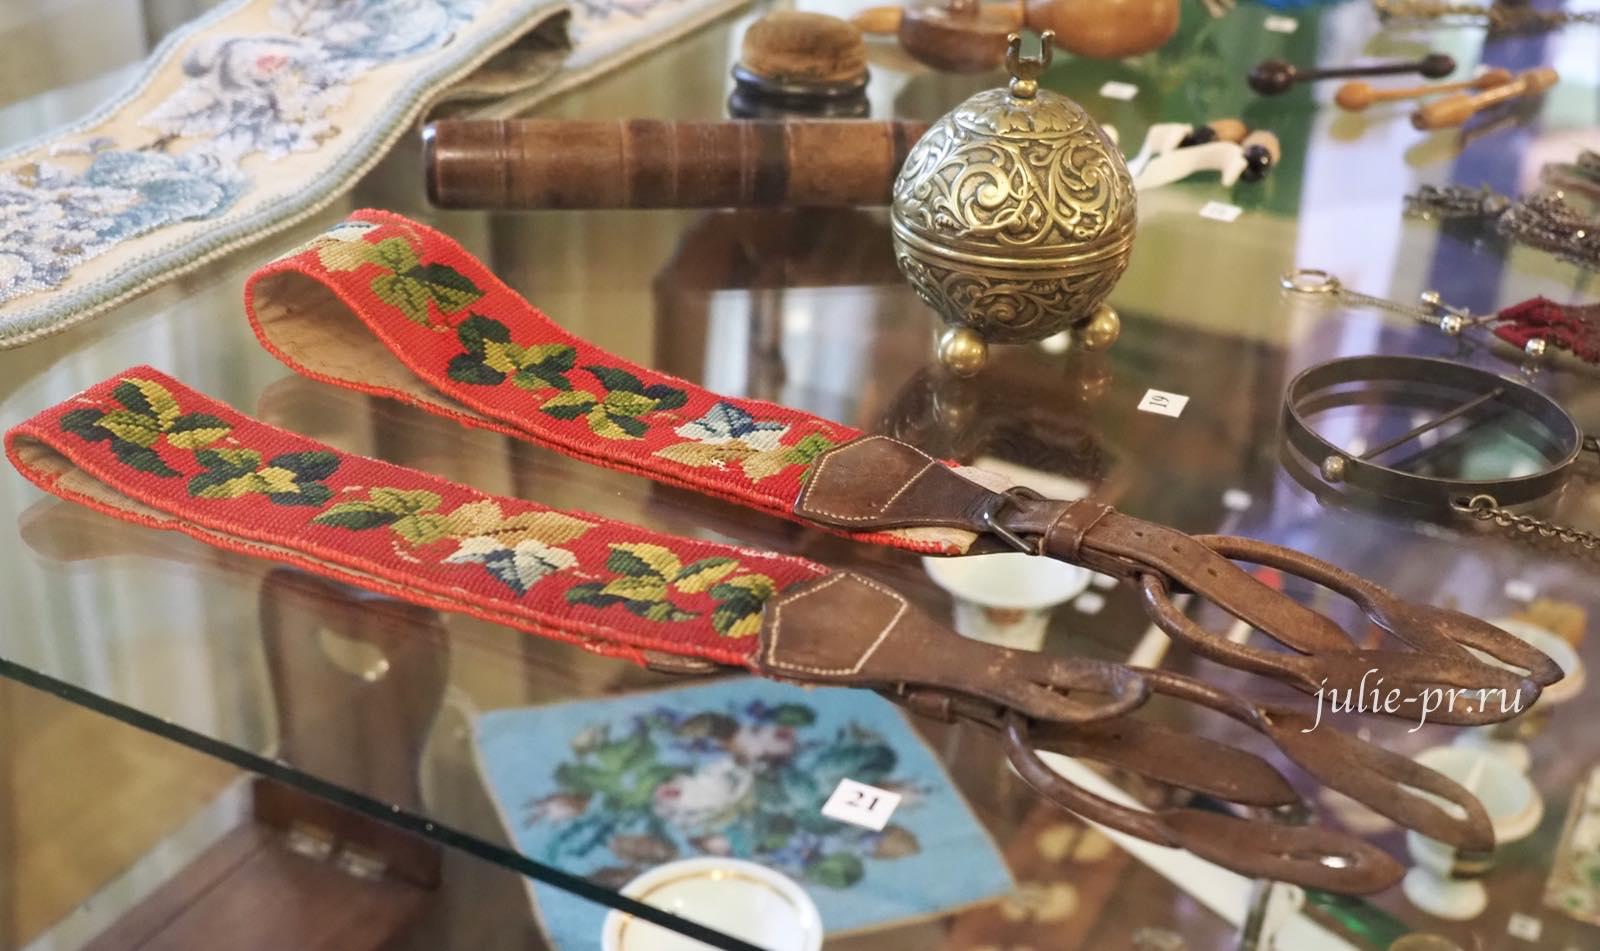 Подтяжки, вышивка крестом, вышивка гобеленовым швом, Англия, середина XIX в.